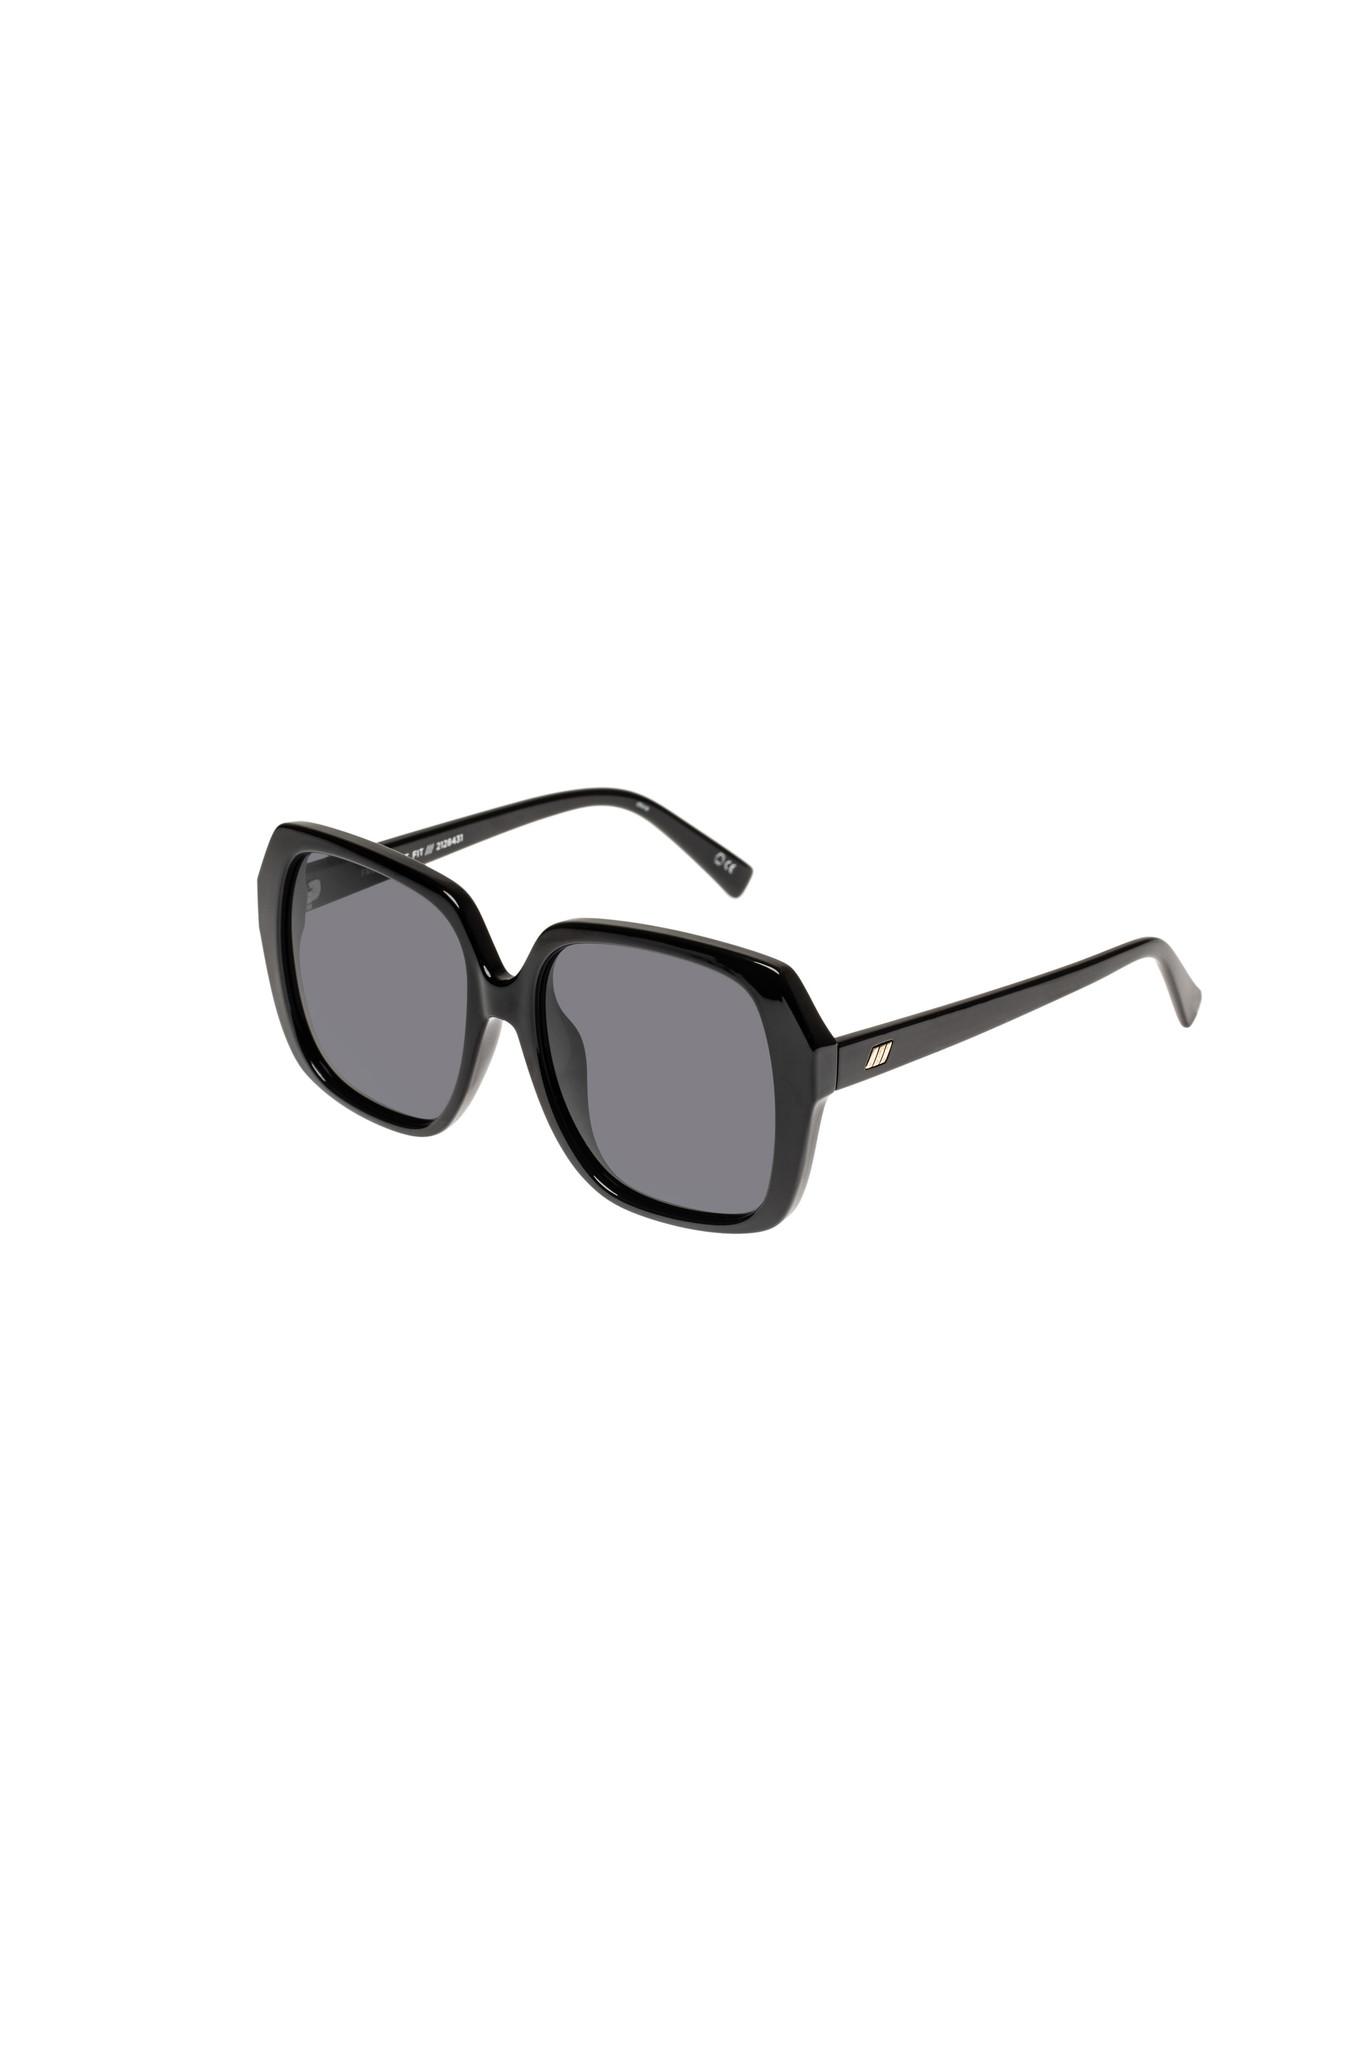 Frofro *Polarized* Sunglasses - Black-3